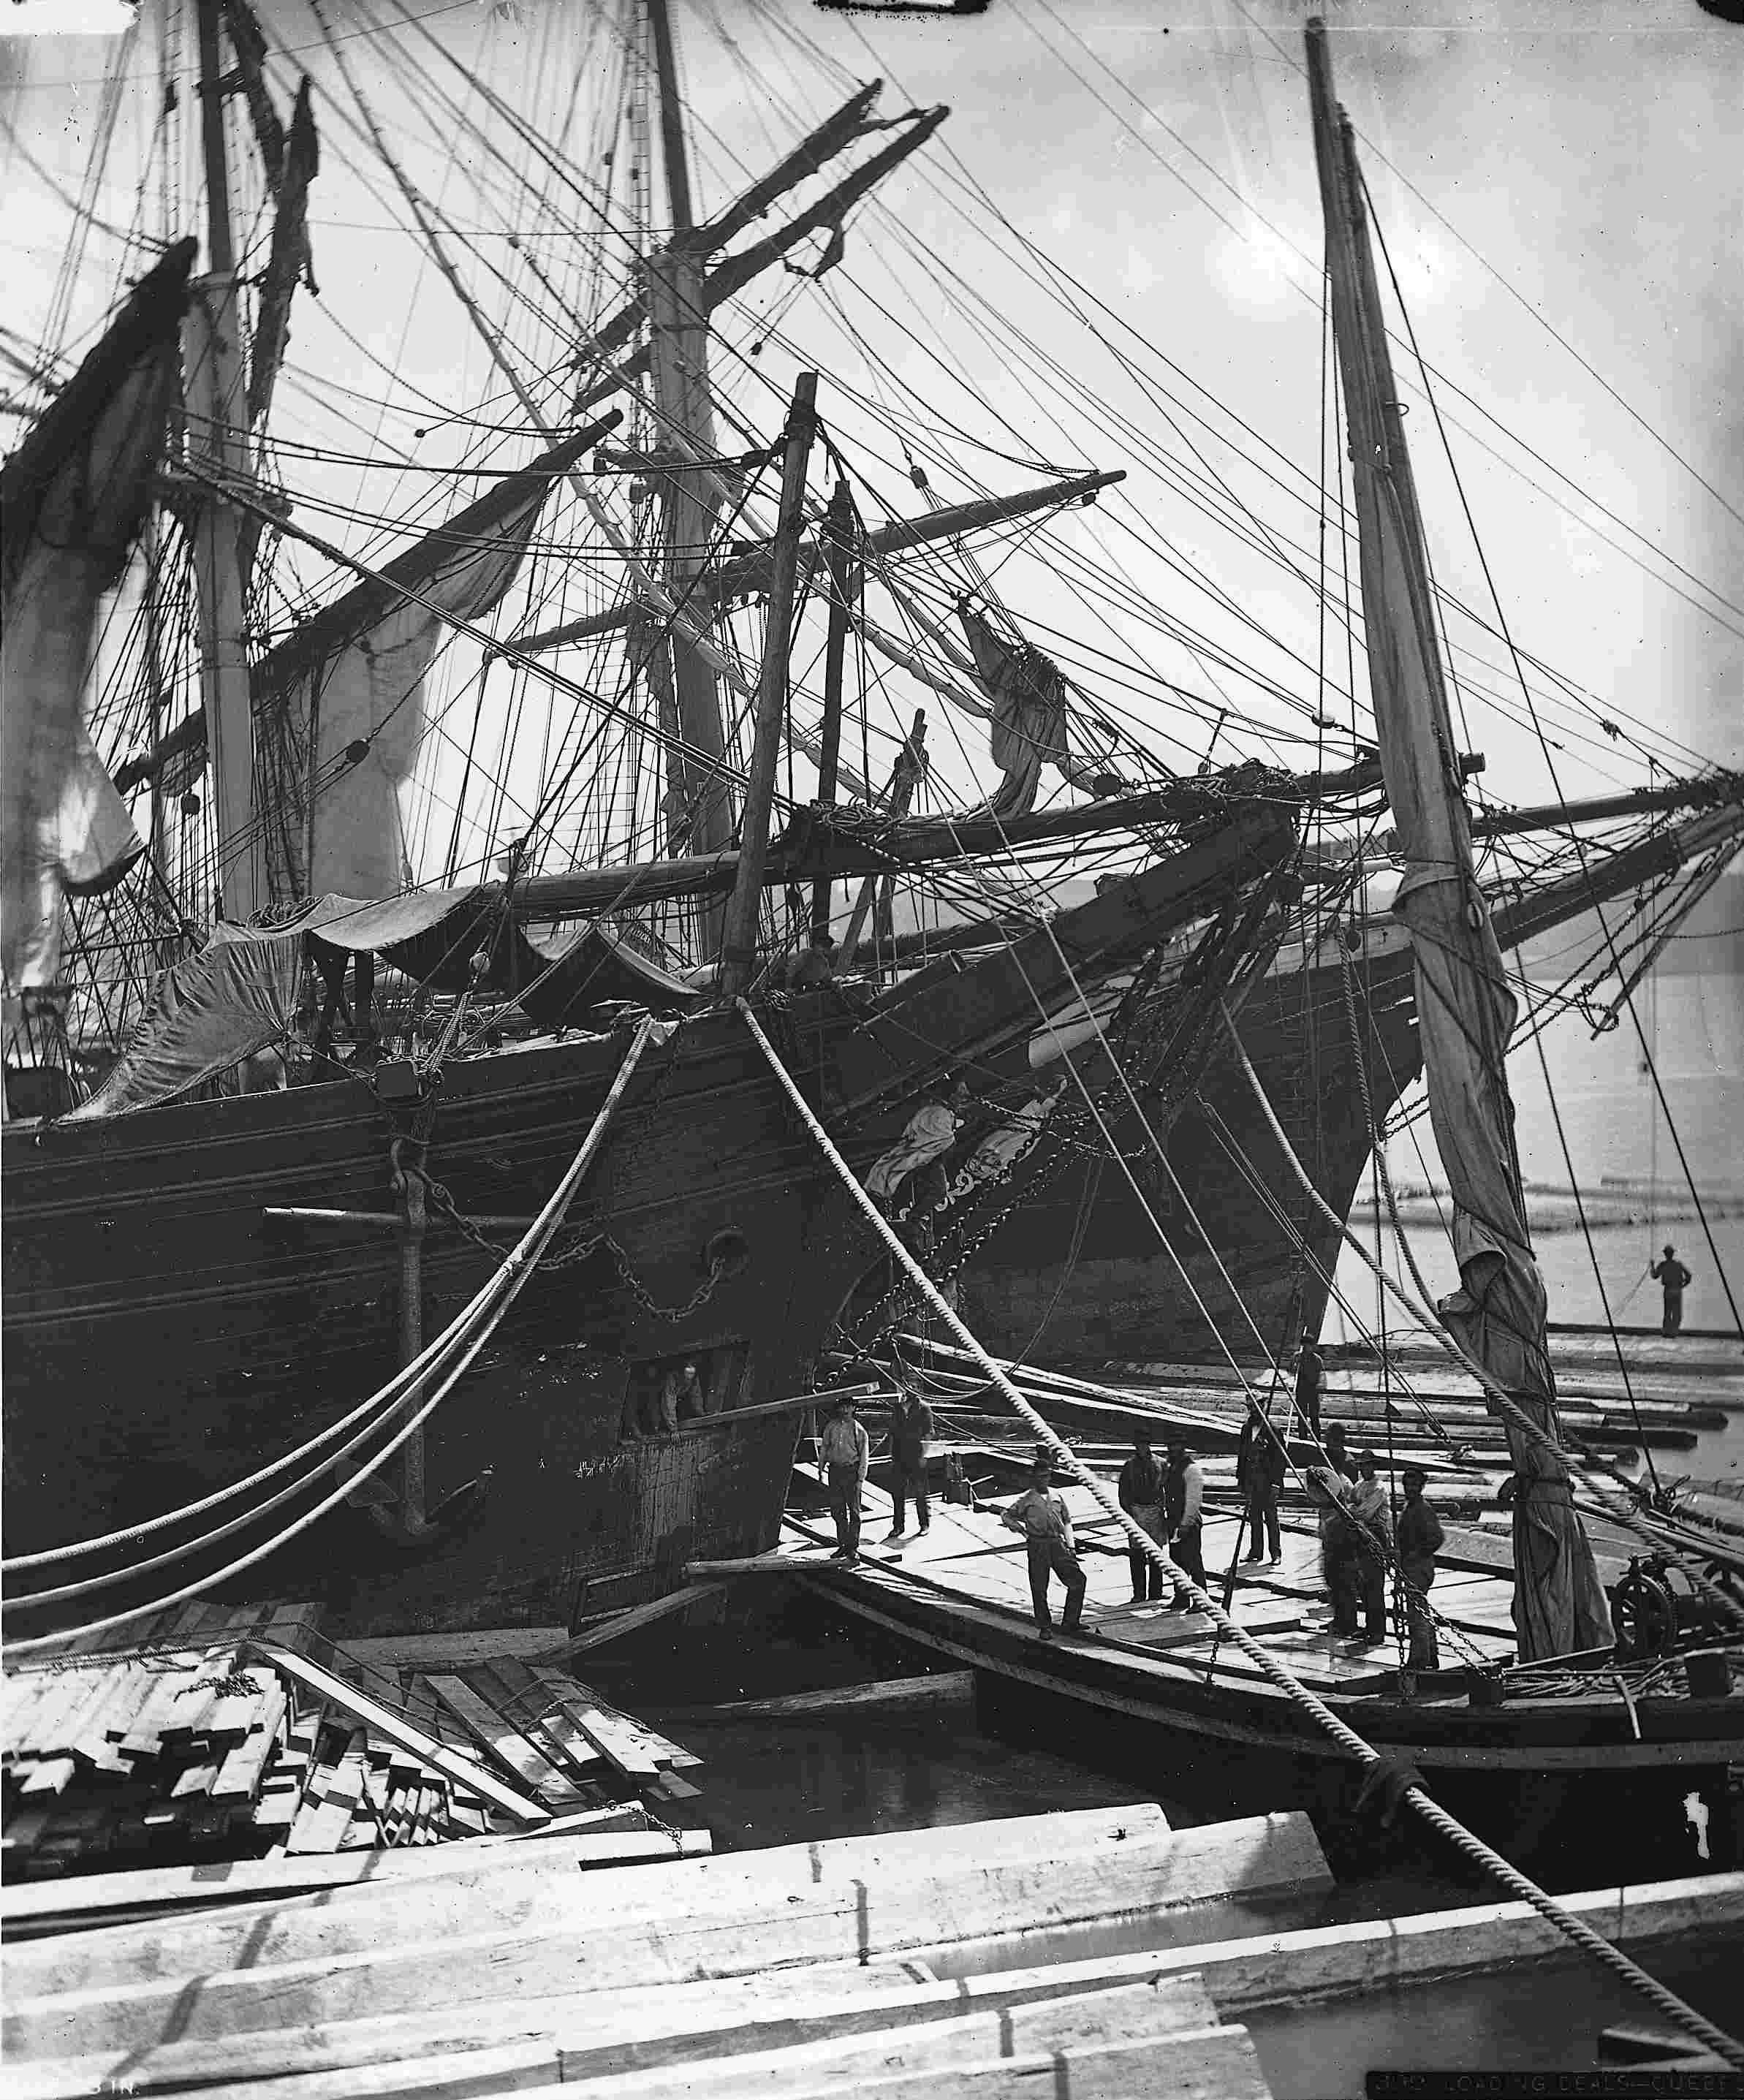 Une dizaine d'hommes participent au déchargement d'un grand bateau à voile servant au transport du bois.